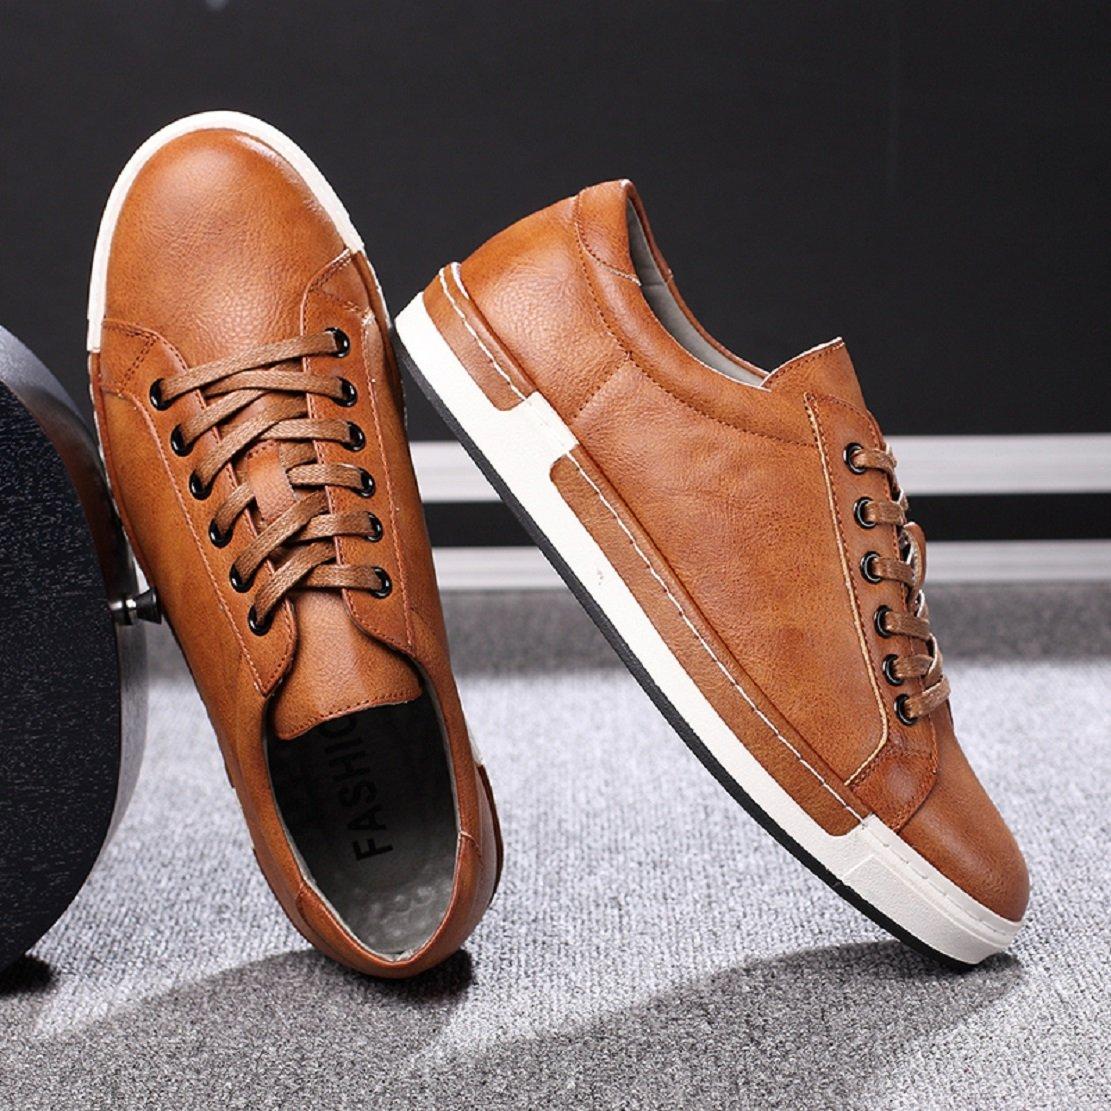 Homme Baskets à Lacets Casual Basses Chaussures en Cuir Travail Business Sneakers Sport Noir Marron Gris Jaune 38-46